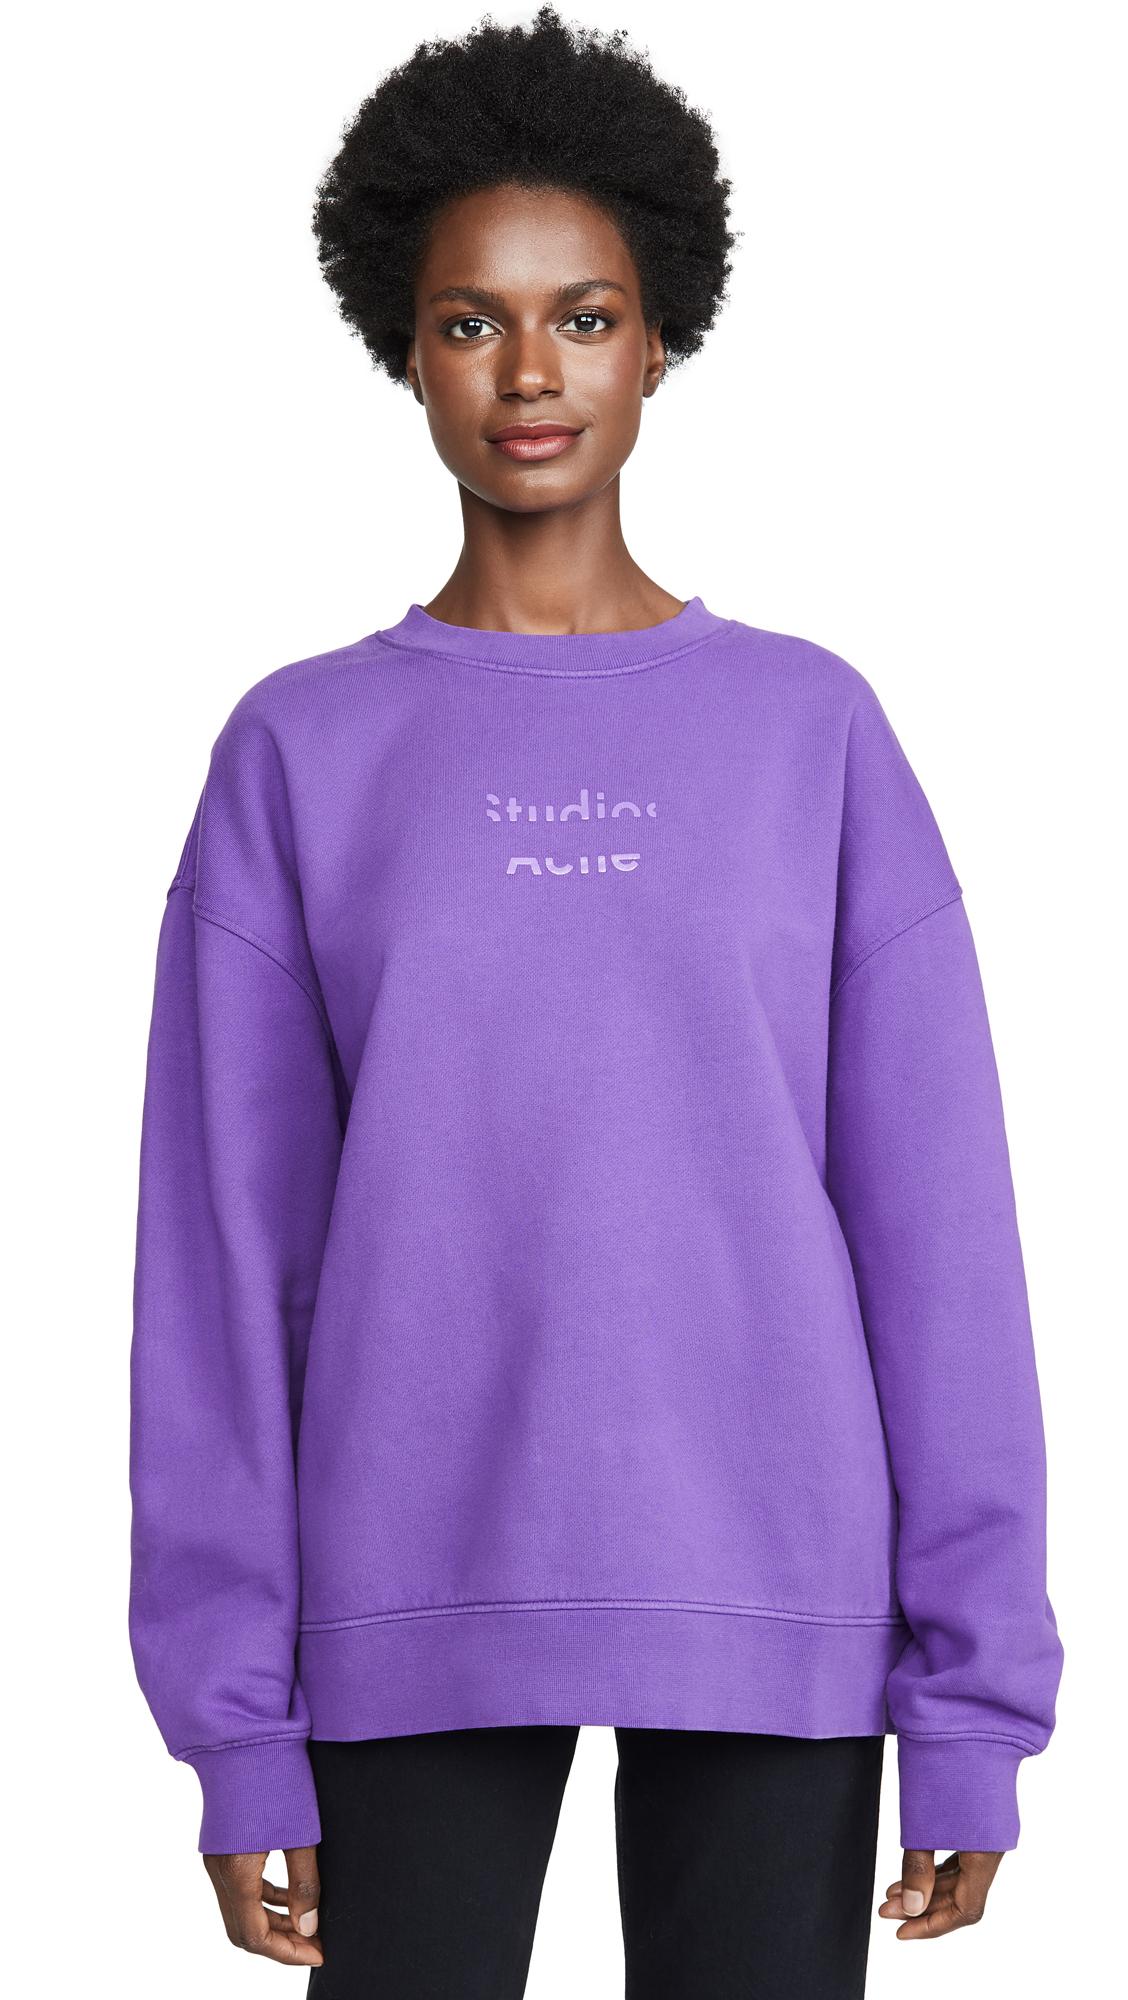 Acne Studios Fyono Logo Sweatshirt - Violet Purple